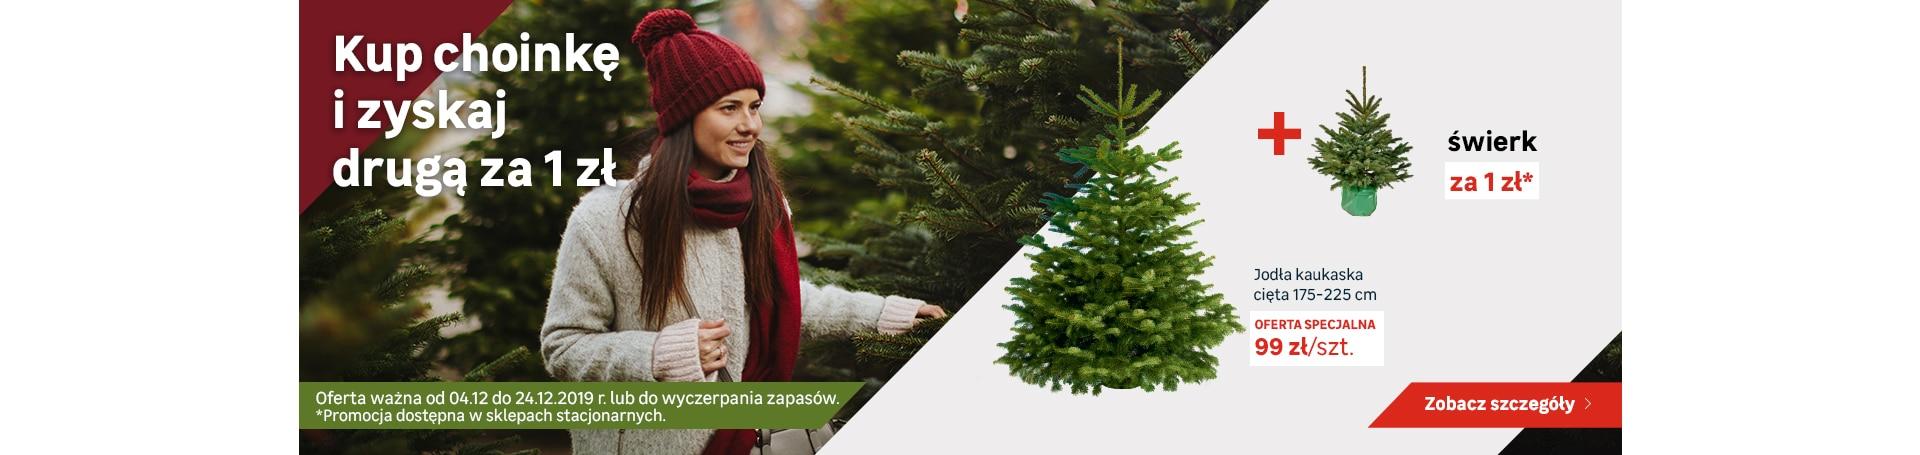 ps-kup-choinke-zyskaj-druga-za-1zl--4-24.12.2019-1323x455